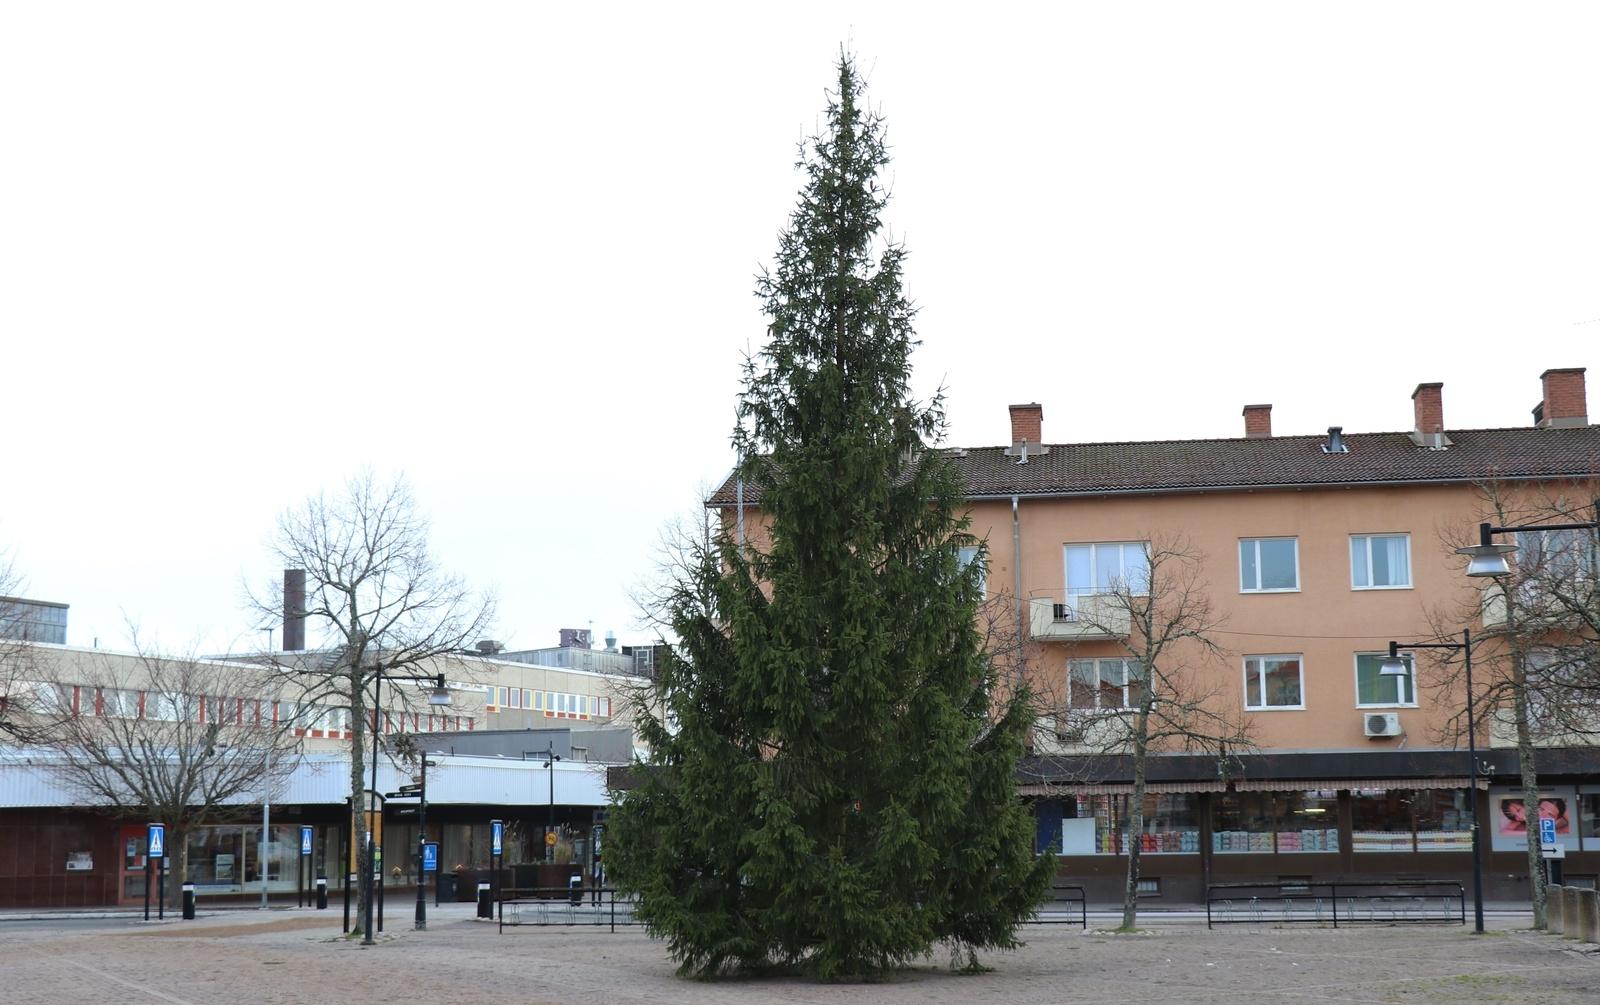 HULTSFRED: Granen hämtad på kommunens mark vid hembygdsparken i Målilla.